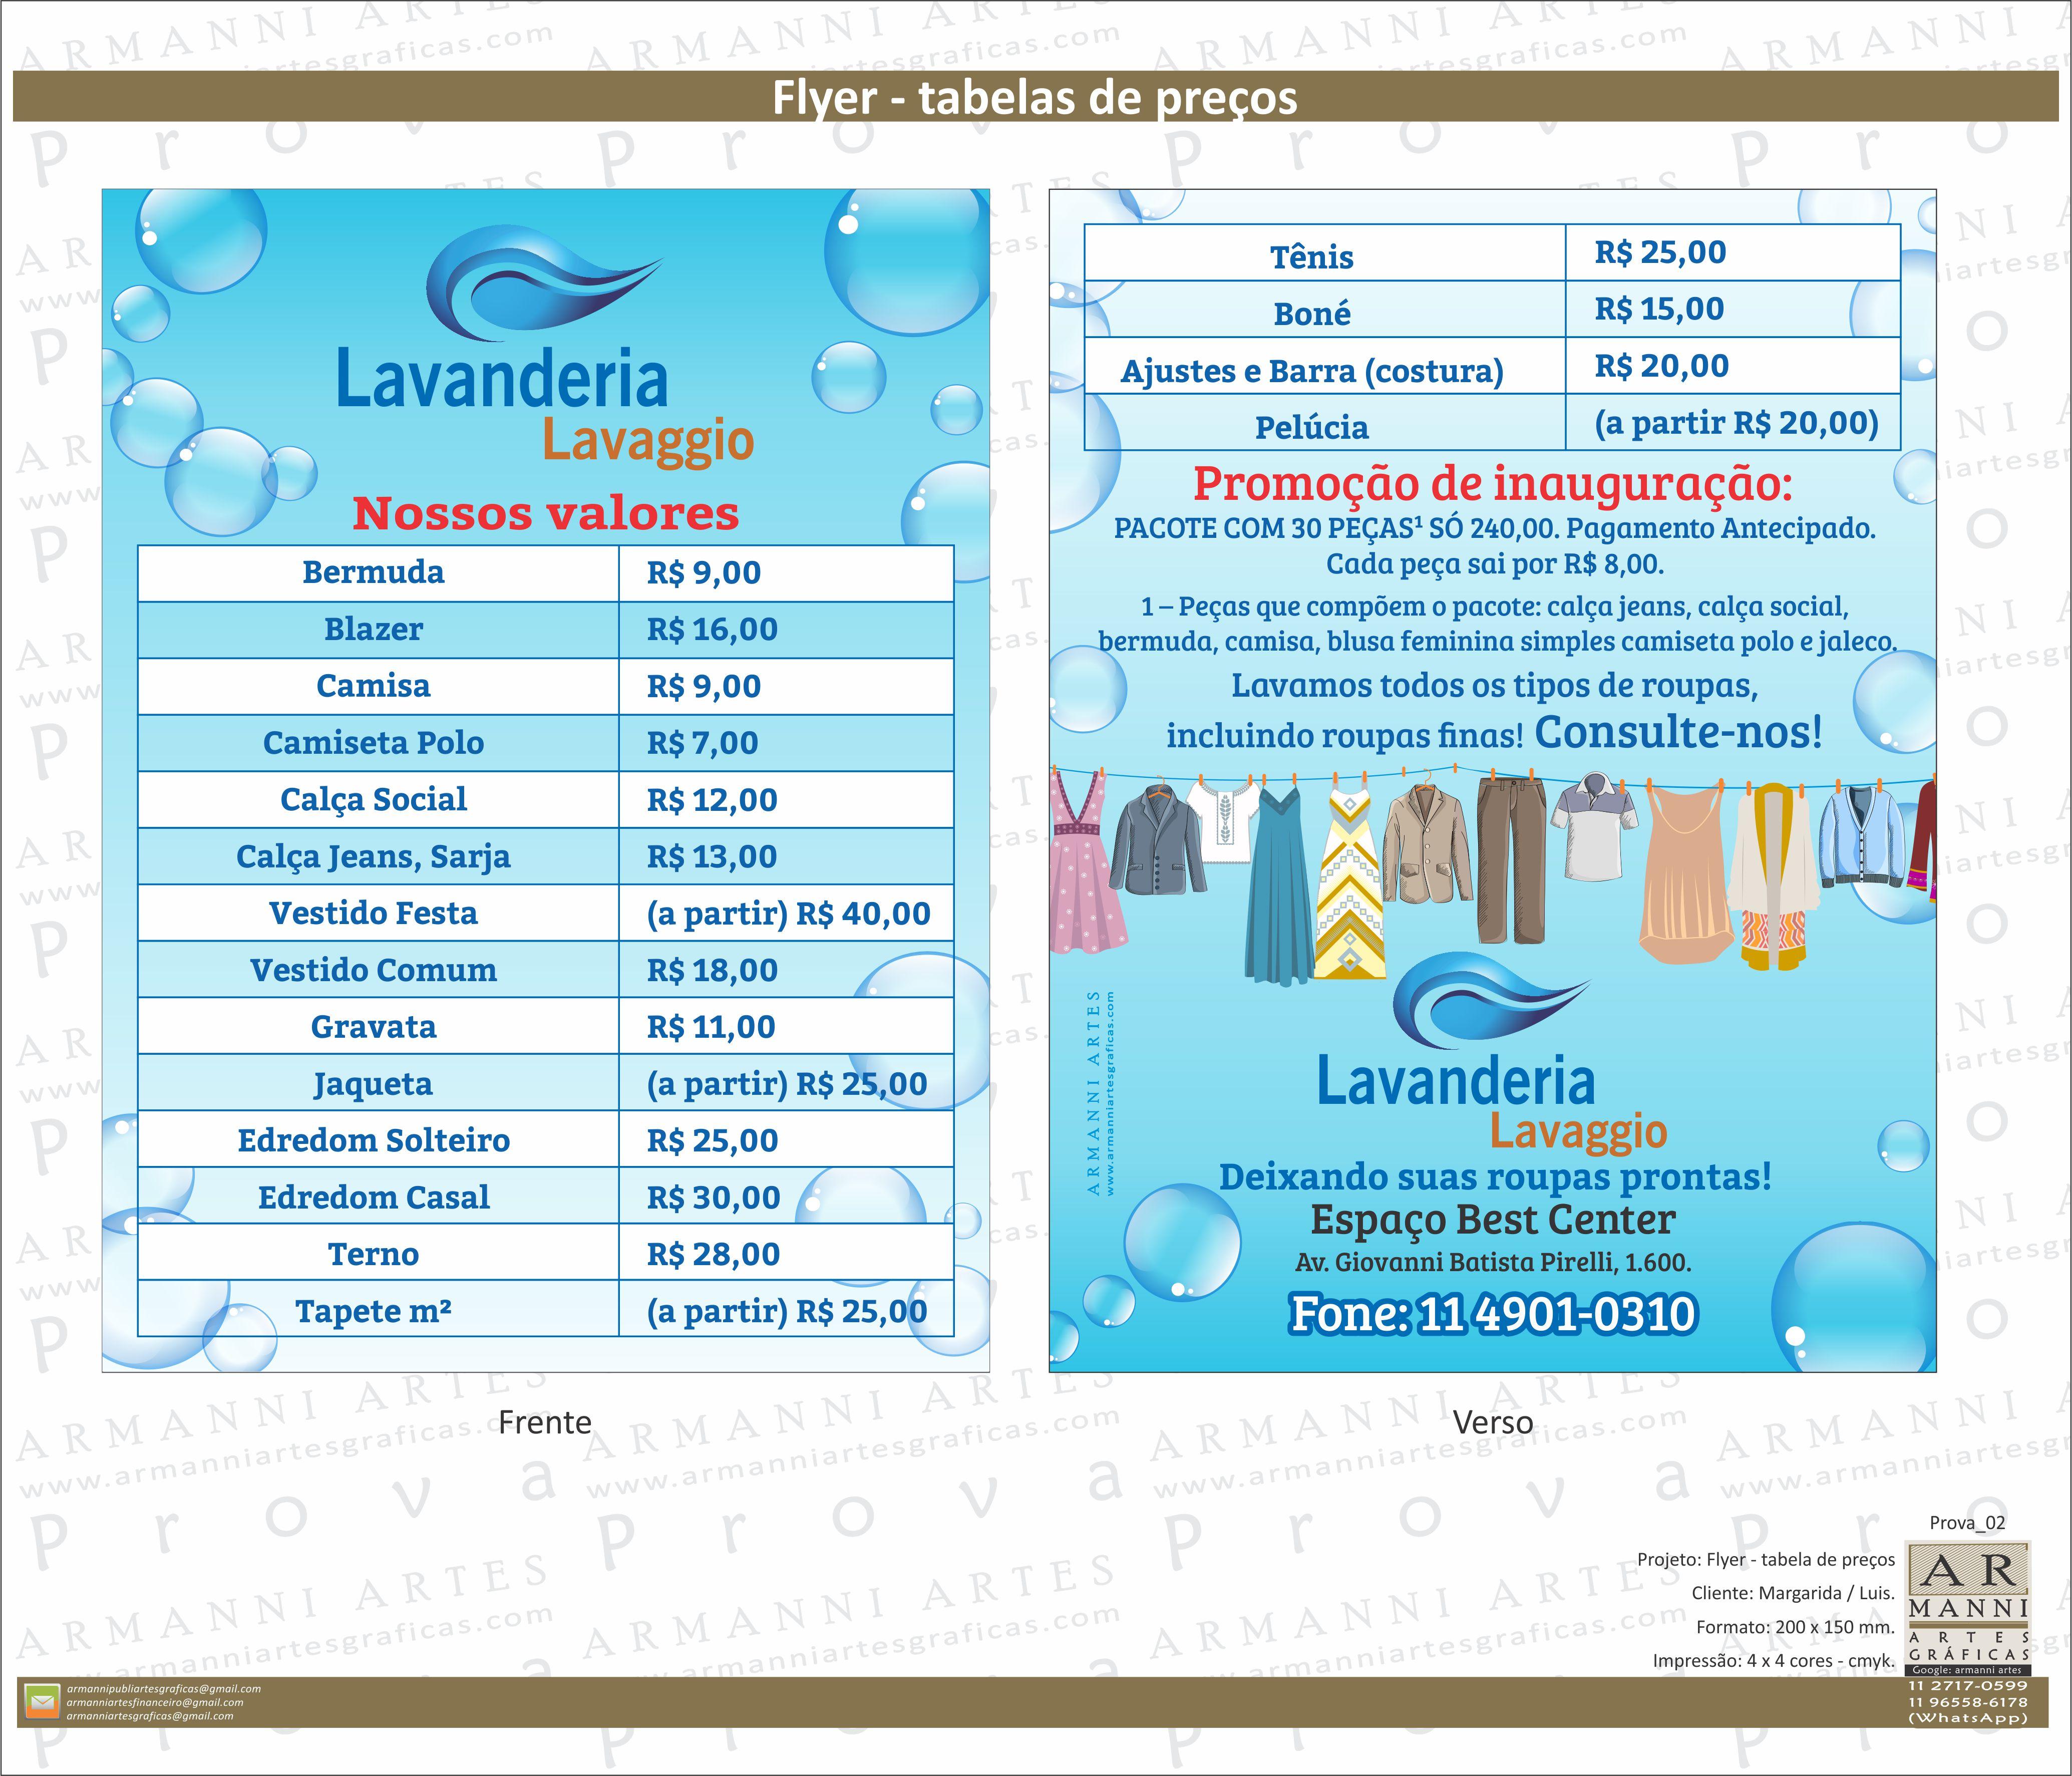 Folheto, flyer - tabela de preços.